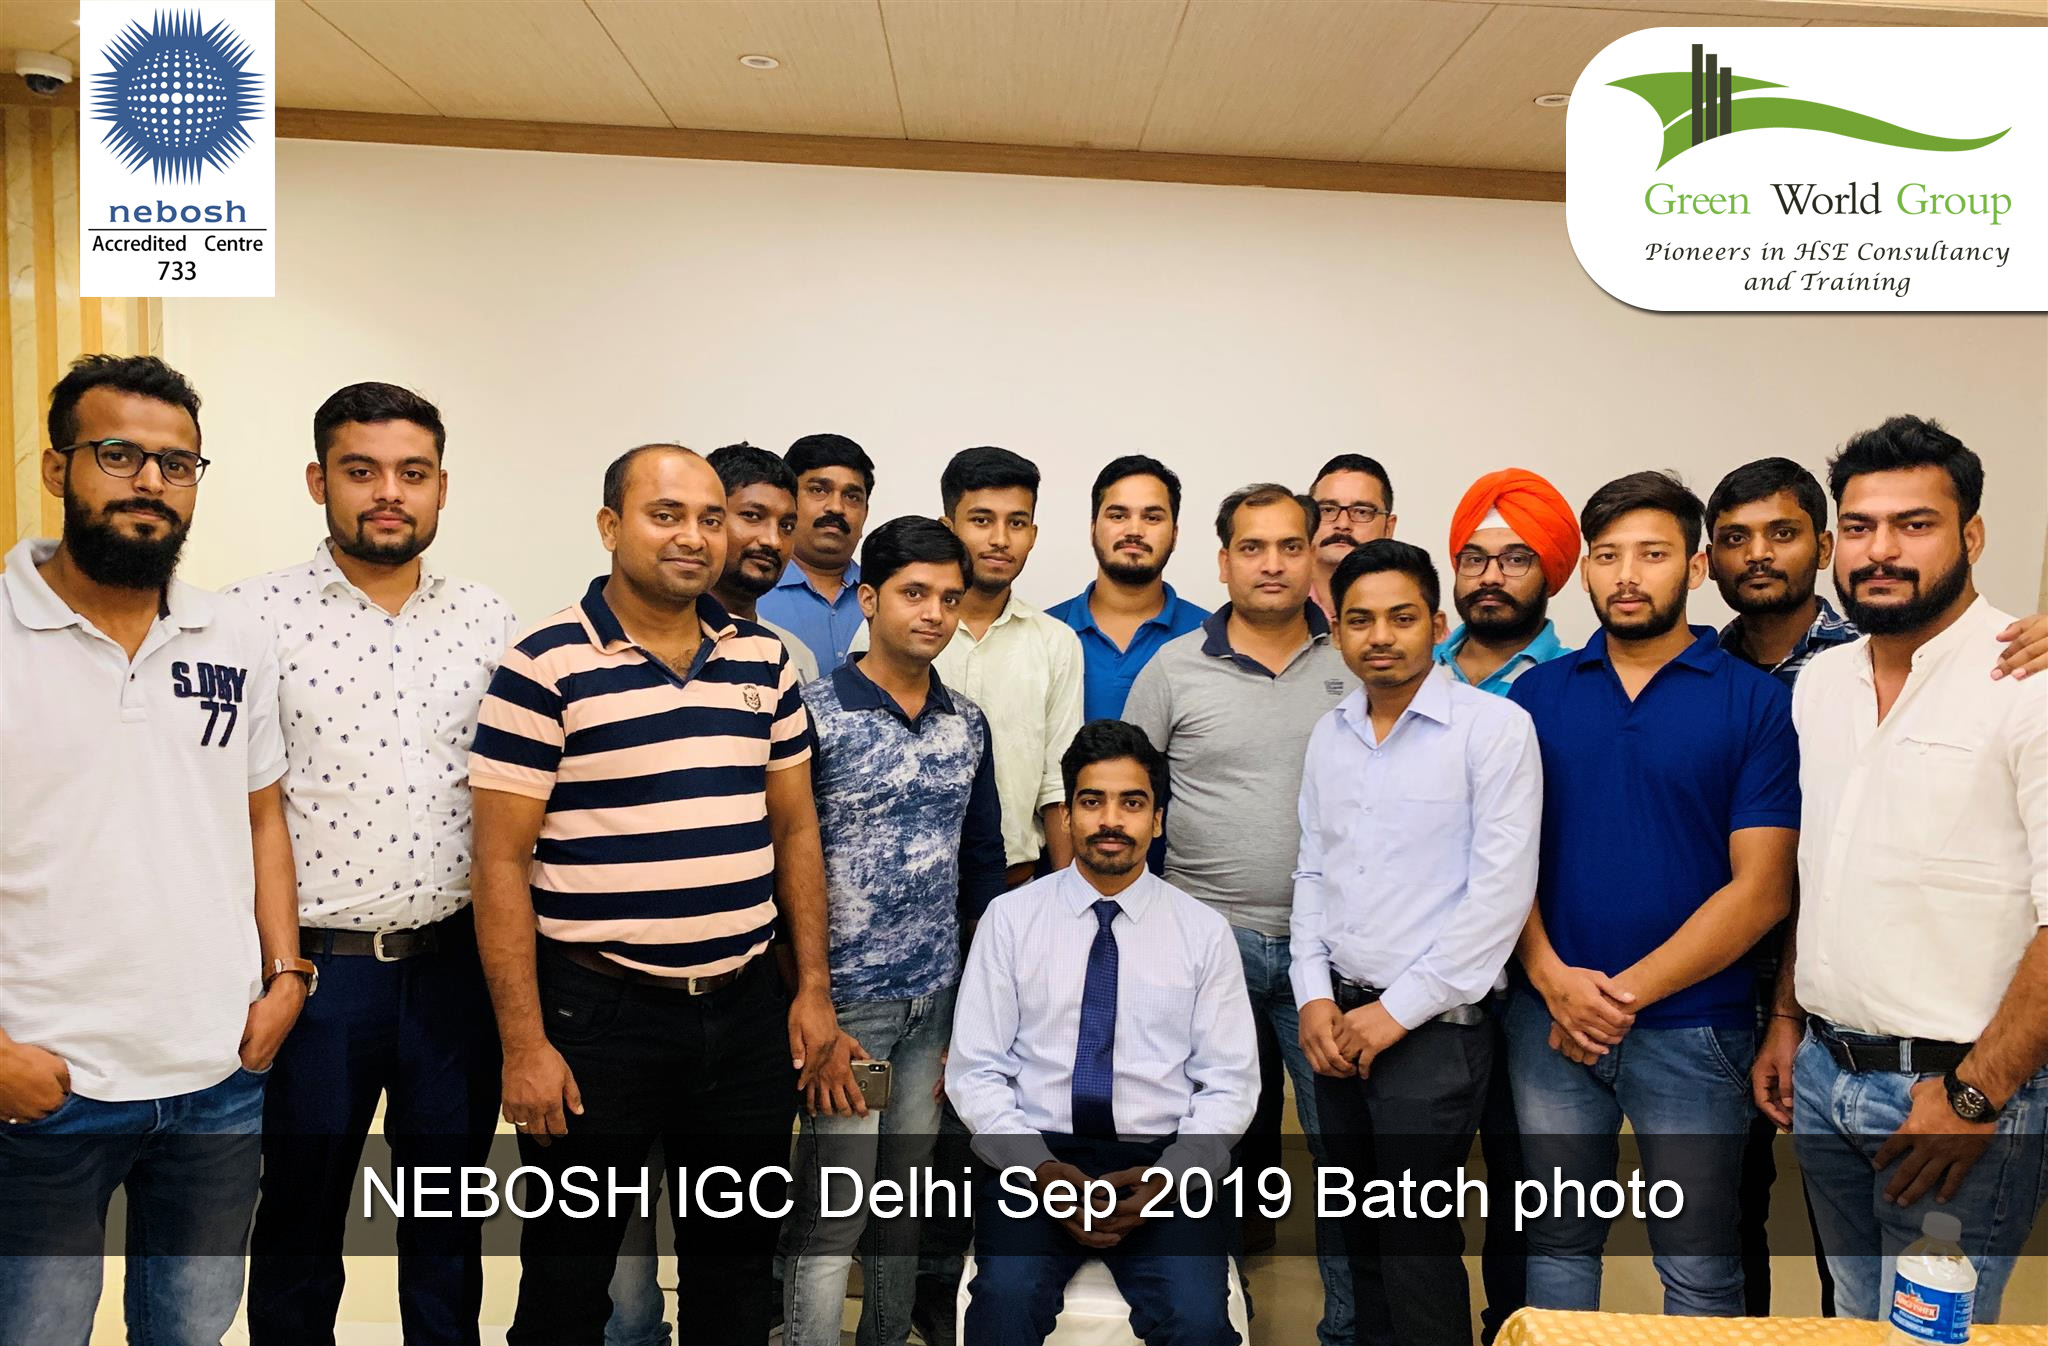 NEBOSH IGC Delhi Sep 2019 Batch photo